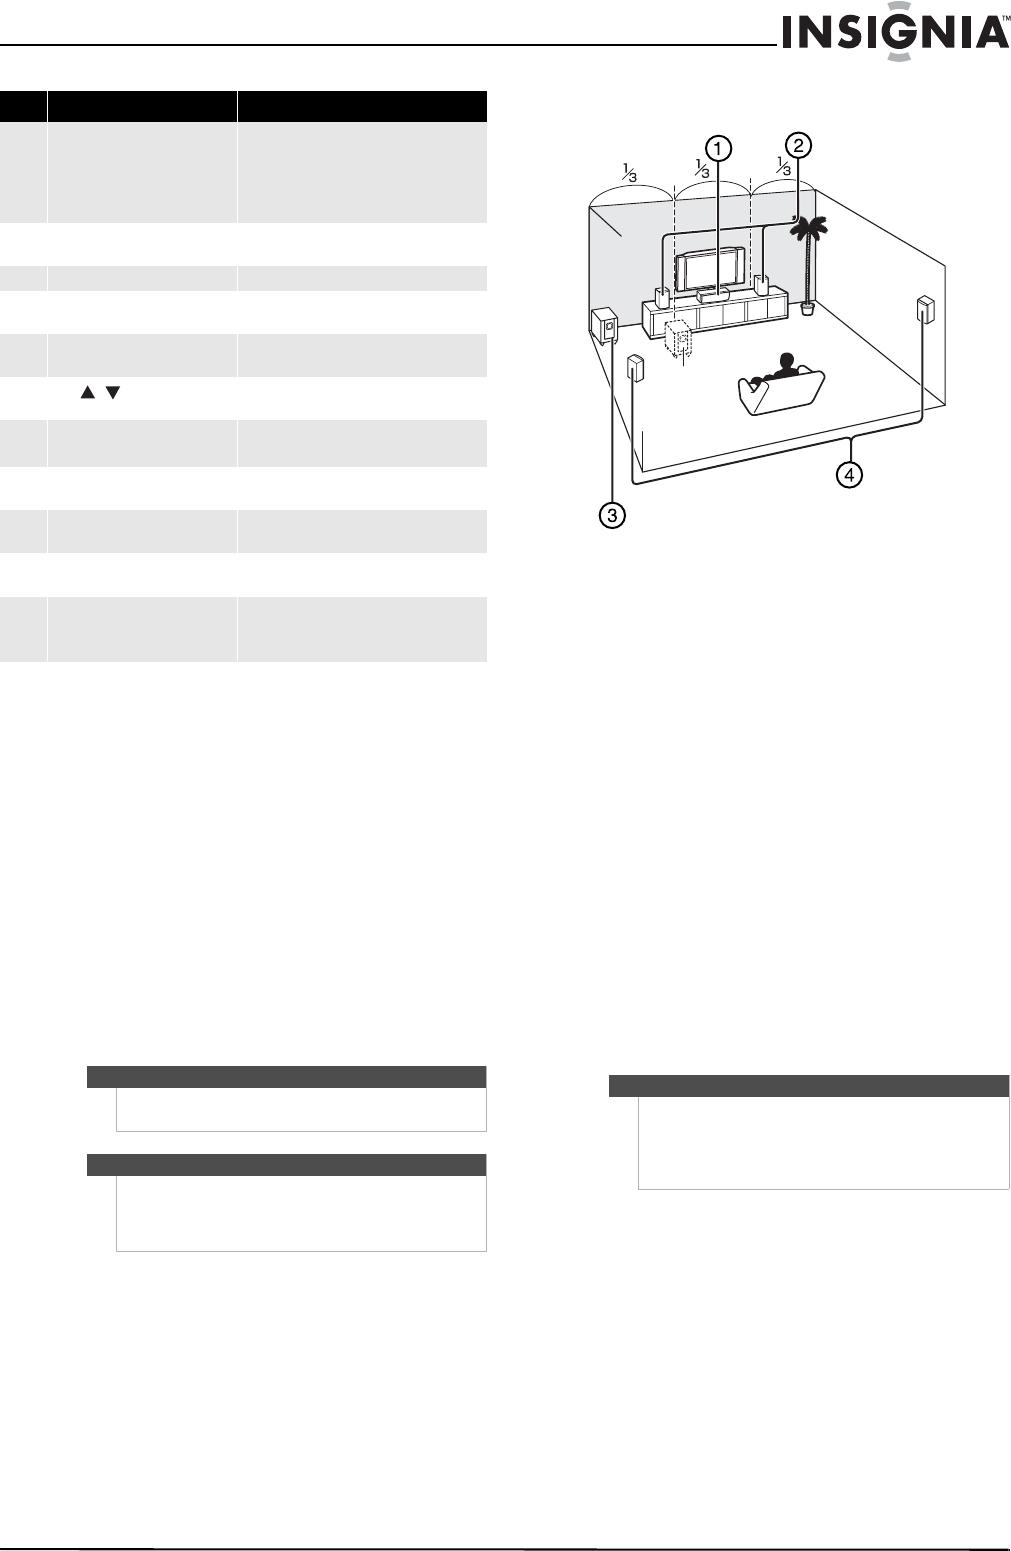 Insignia Ns Av511 Users Manual AV511_11 0201_MAN_ENG_V1